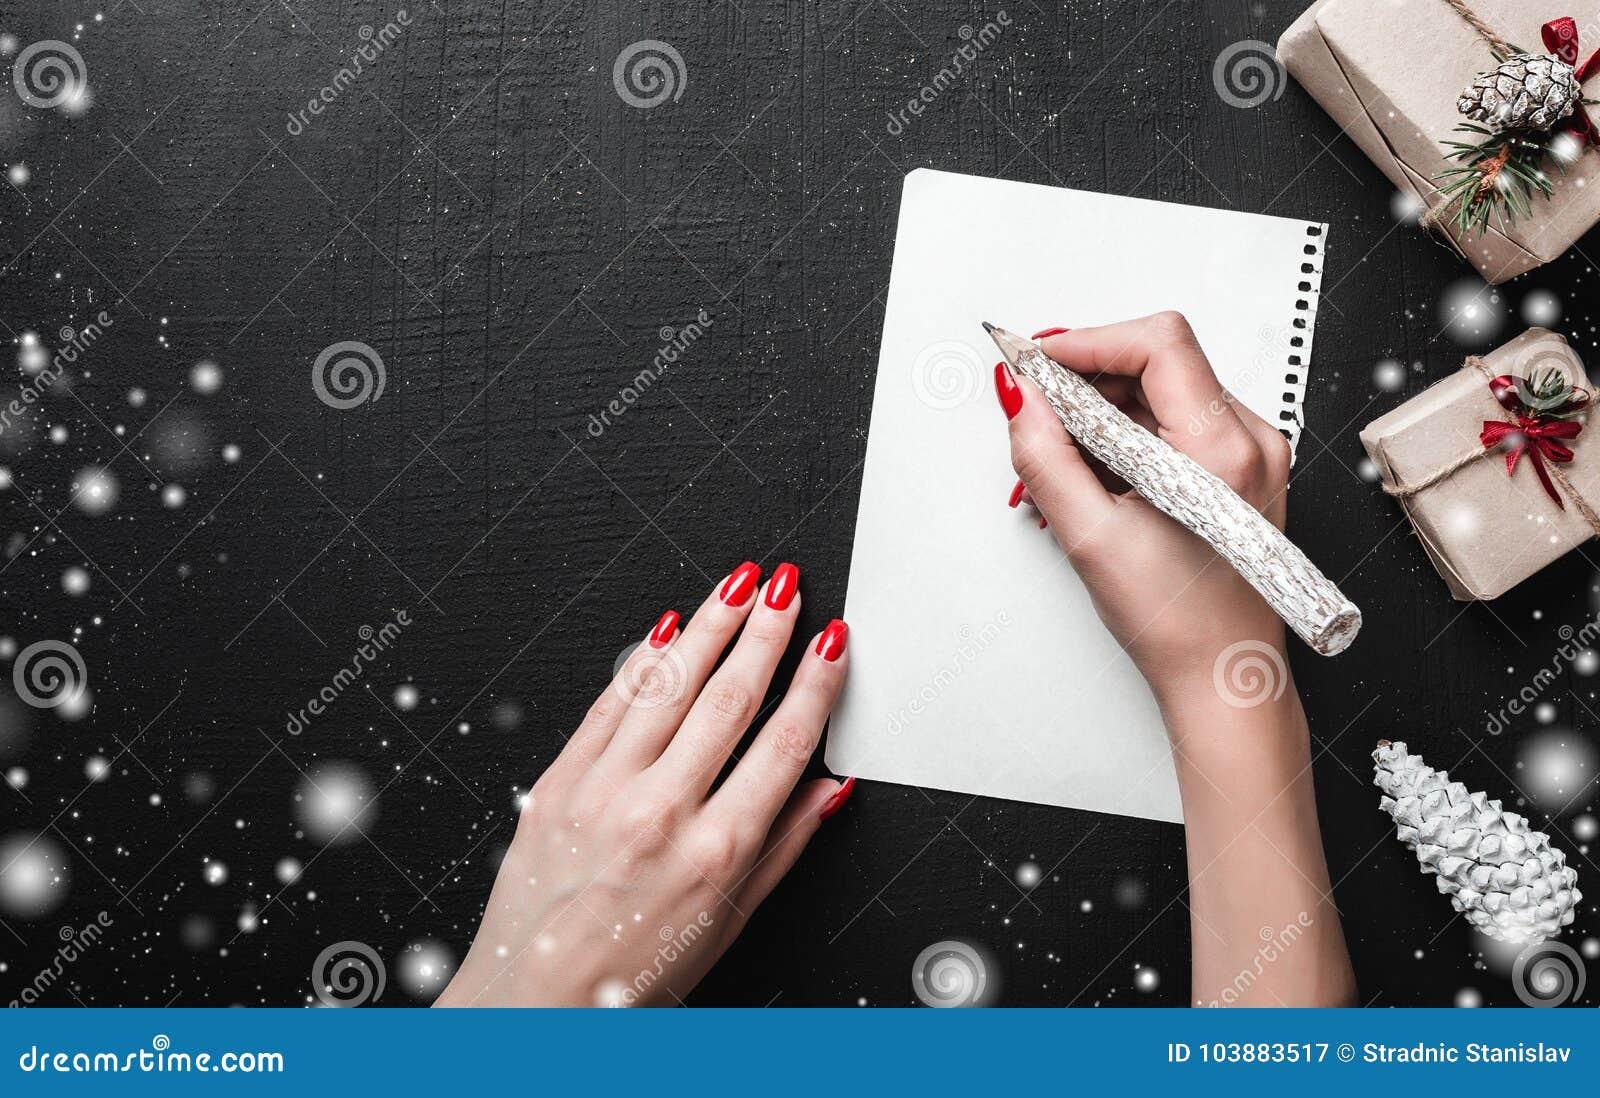 Предпосылка рождественской открытки - руки женщины при красные ногти писать письмо с деревянным карандашем